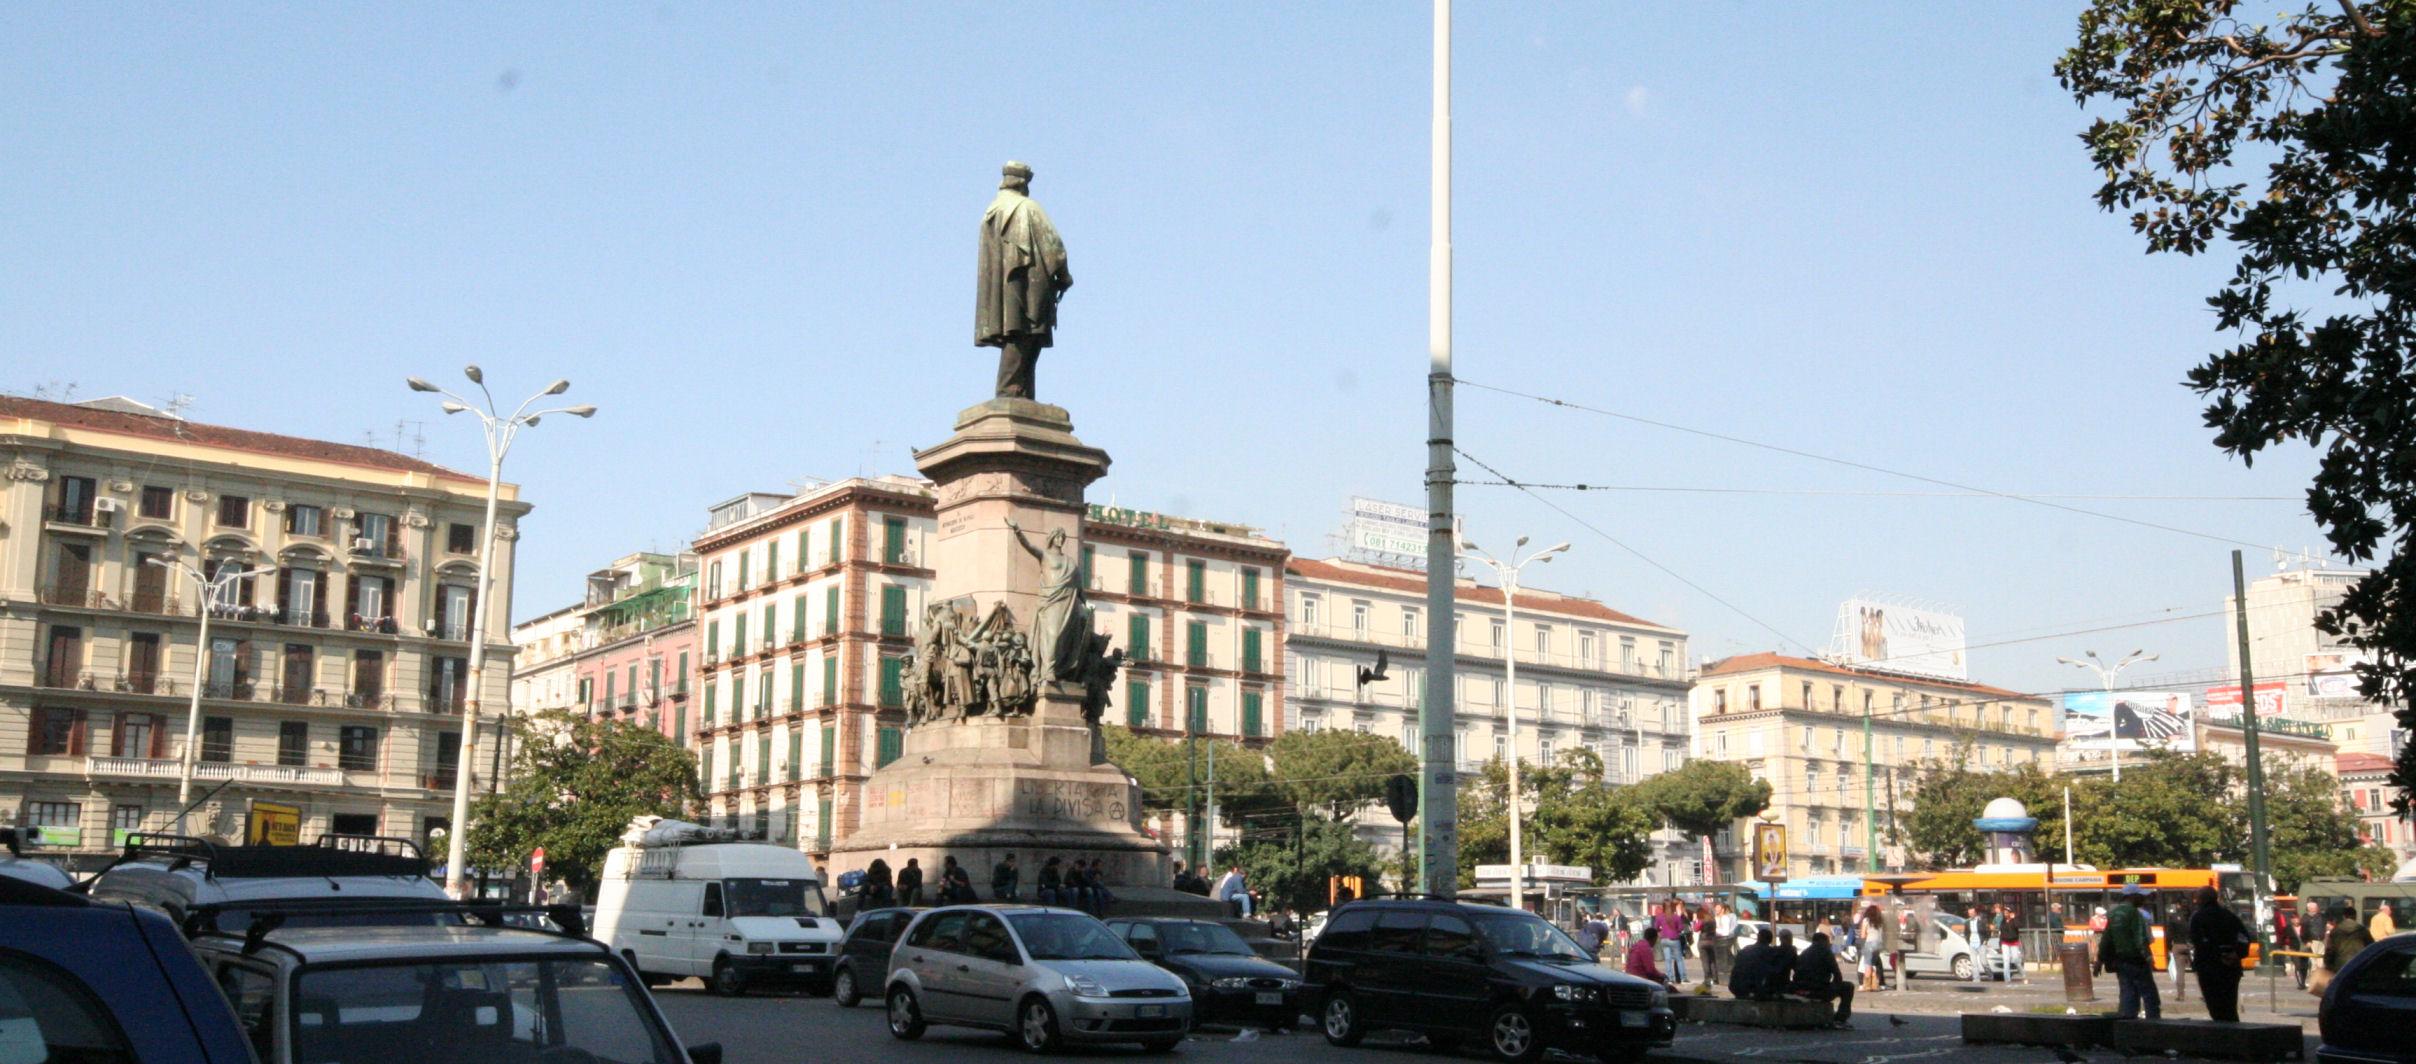 Narcotizza coppia di turisti per rapinarli: 40enne arrestato a Napoli